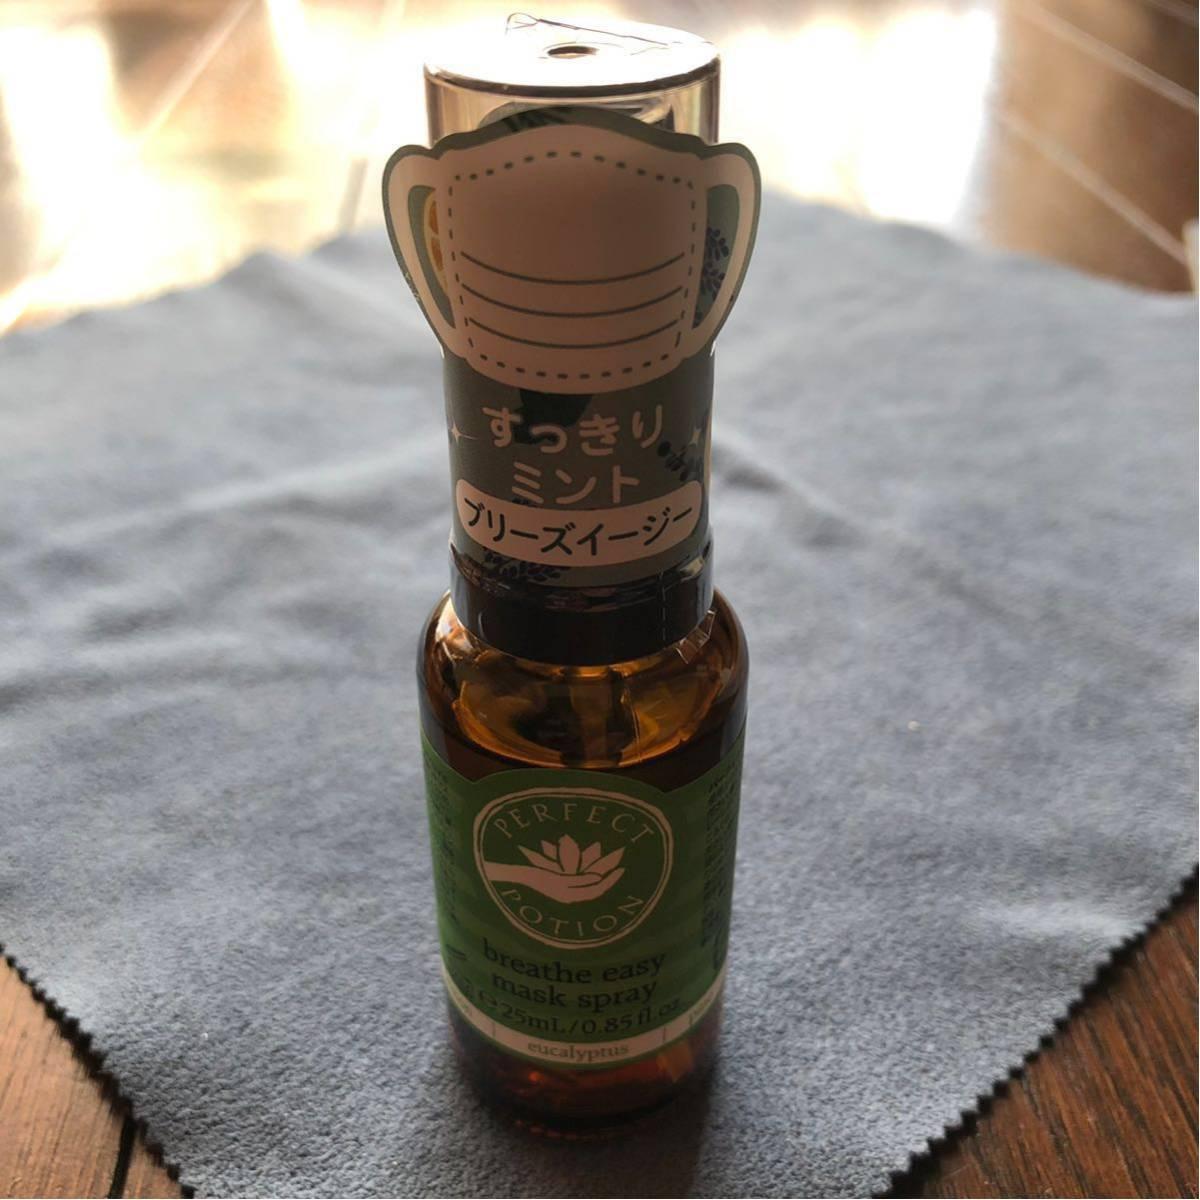 パーフェクトポーション「ブリーズイージー マスクスプレー25ml」花粉症対策・マスクにひと噴き♪★オーストラリア製・未開封品_ガラス瓶のスプレータイプ